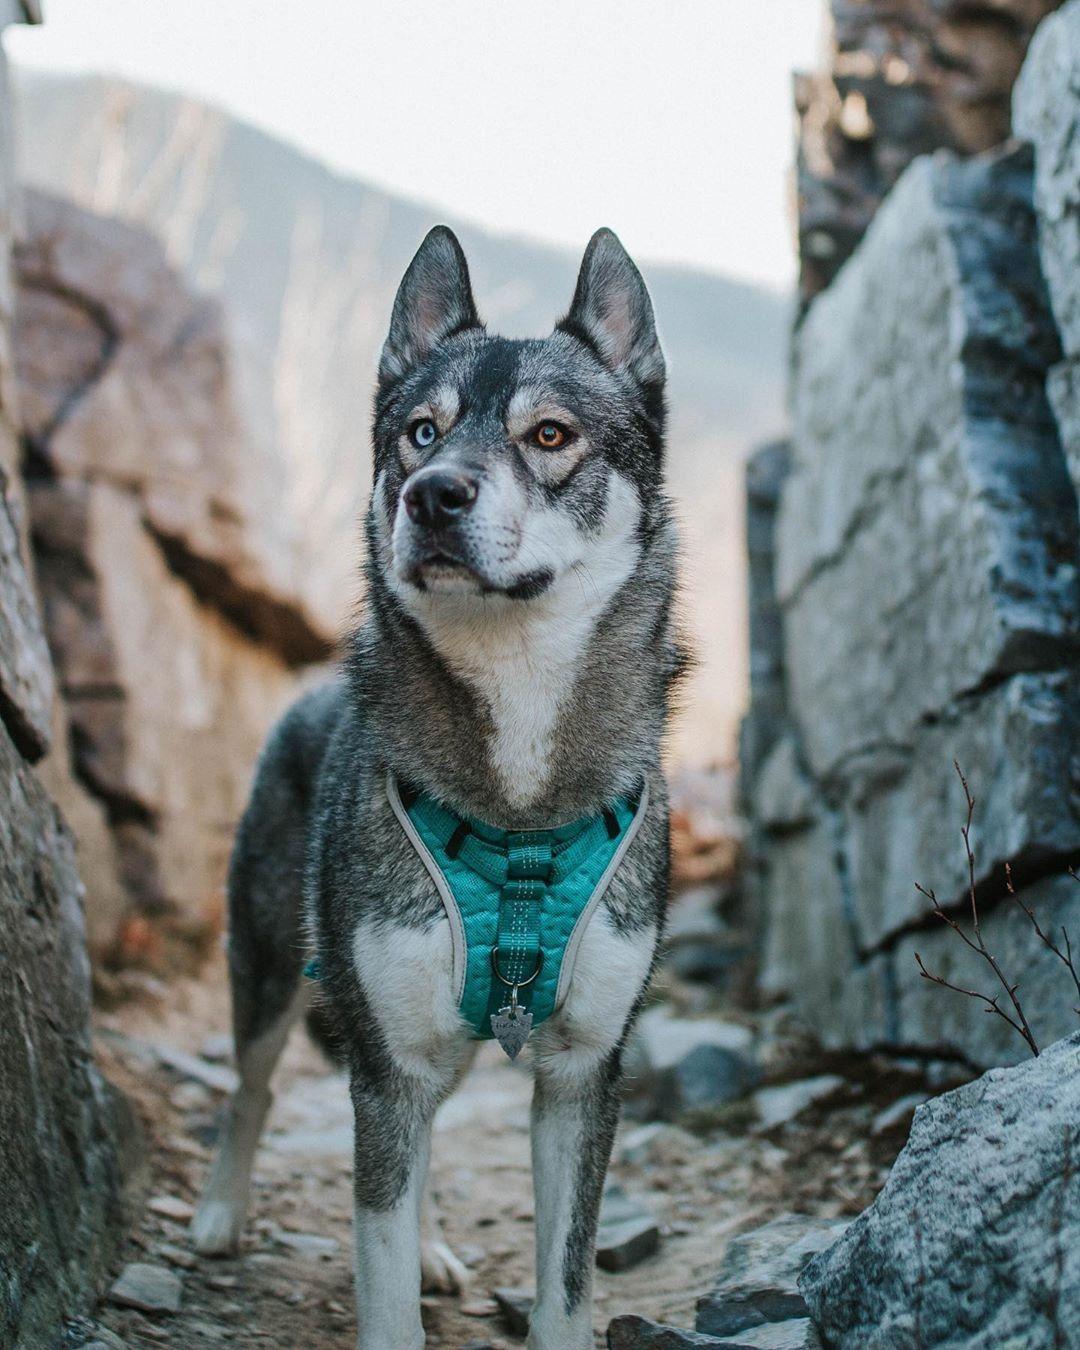 Be A Trailblazer With The Sports Dog Harness Like Blueridgehusky